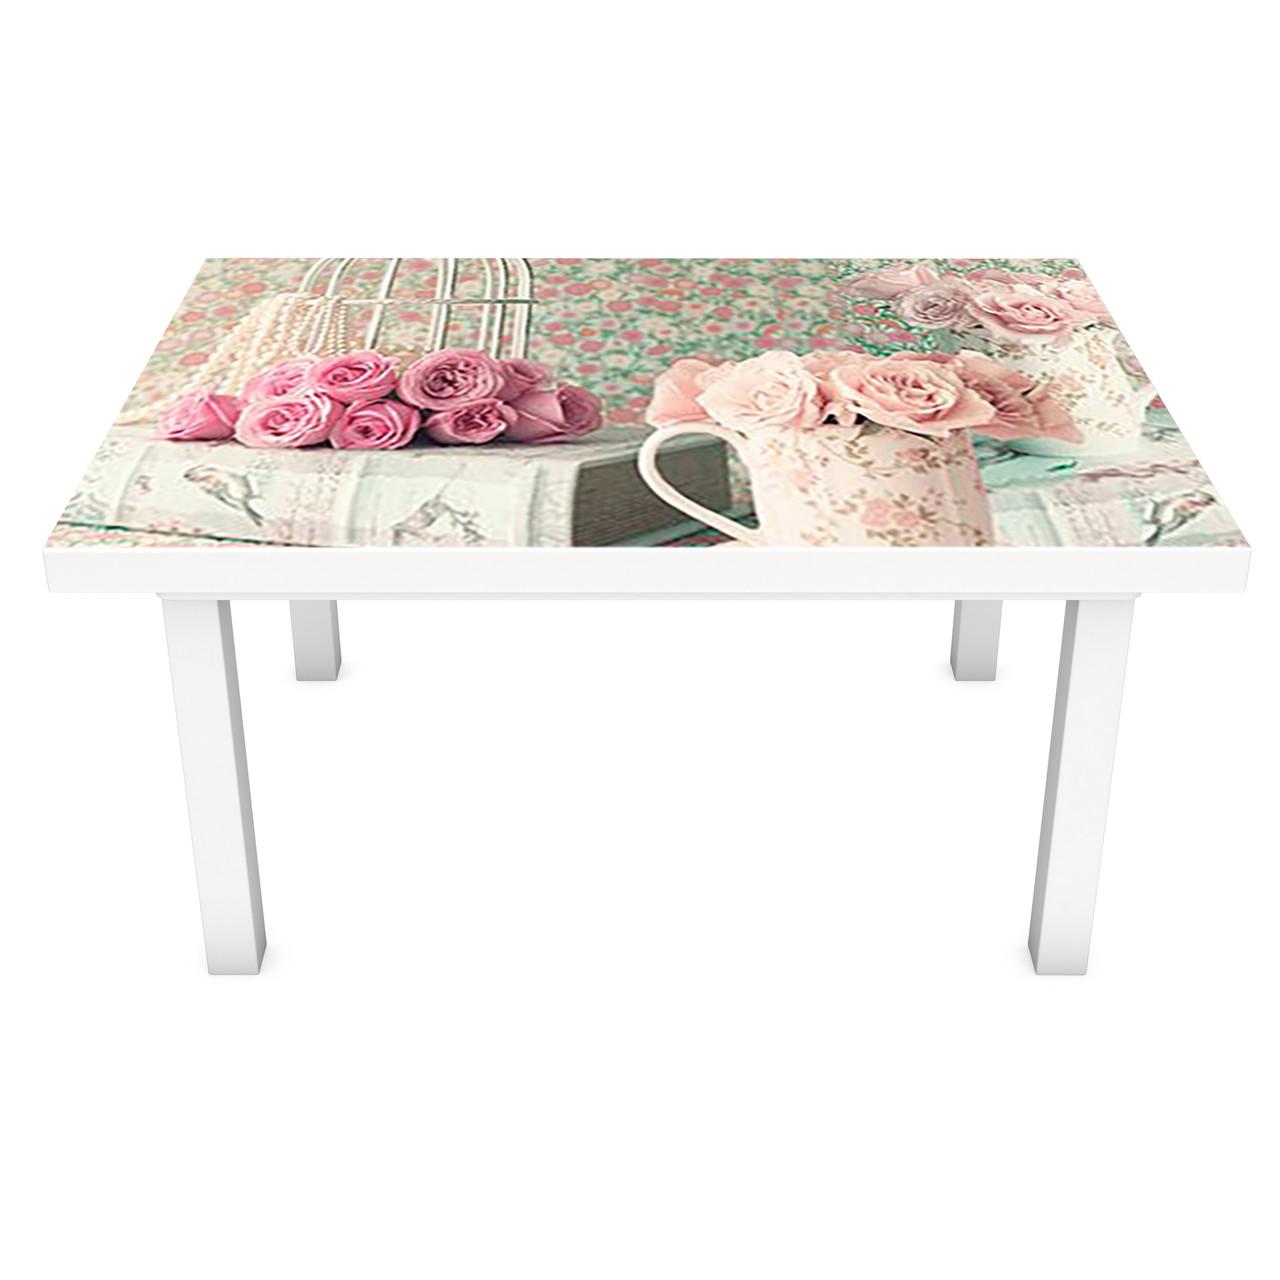 Наклейка на стол виниловая Прекрасное утро 02 ПВХ пленка для мебели интерьерная 3D ретро розовый 600*1200 мм